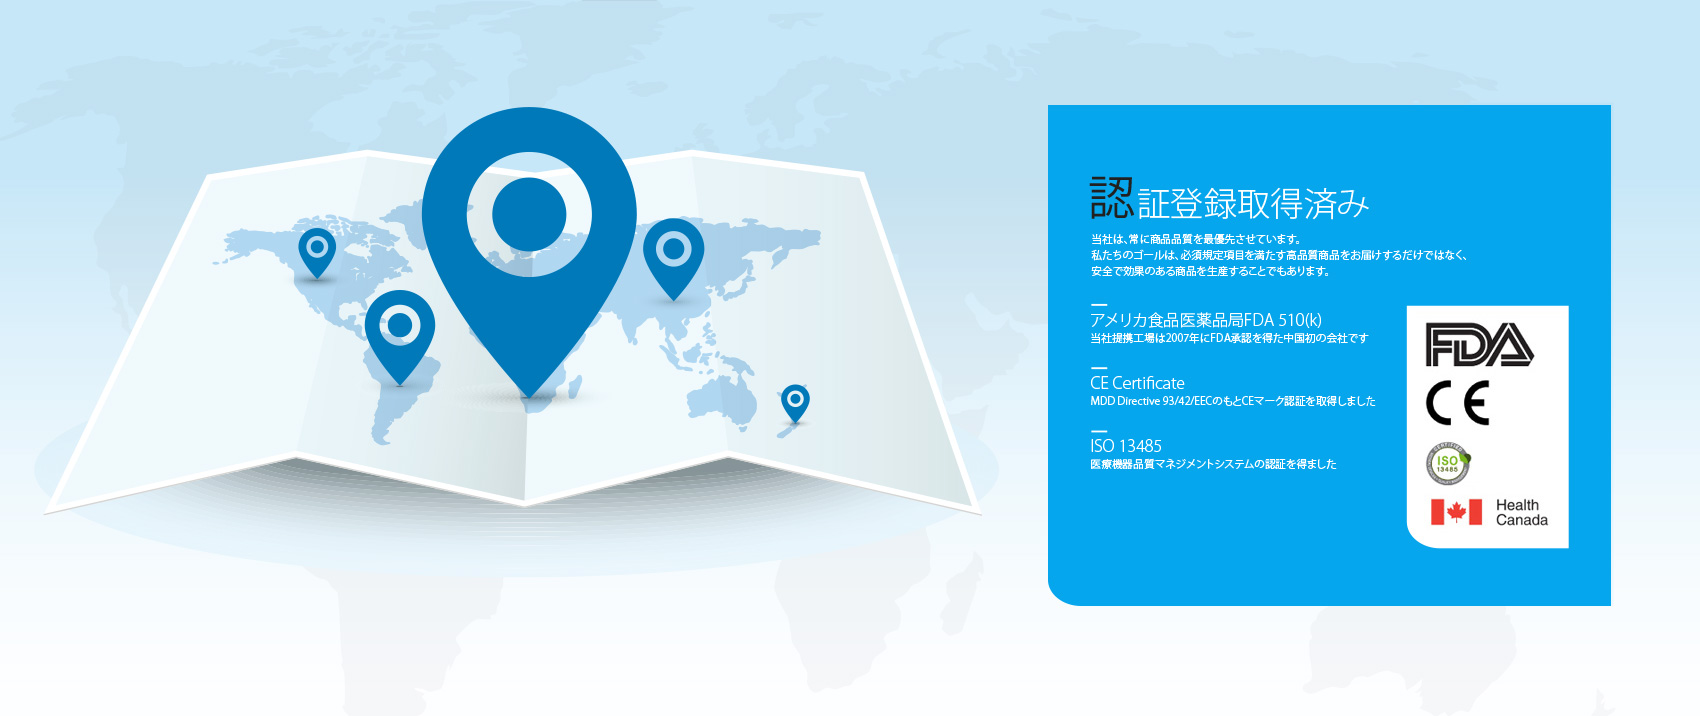 ゲルパッド,グローブ,EMS,Setsu Planning